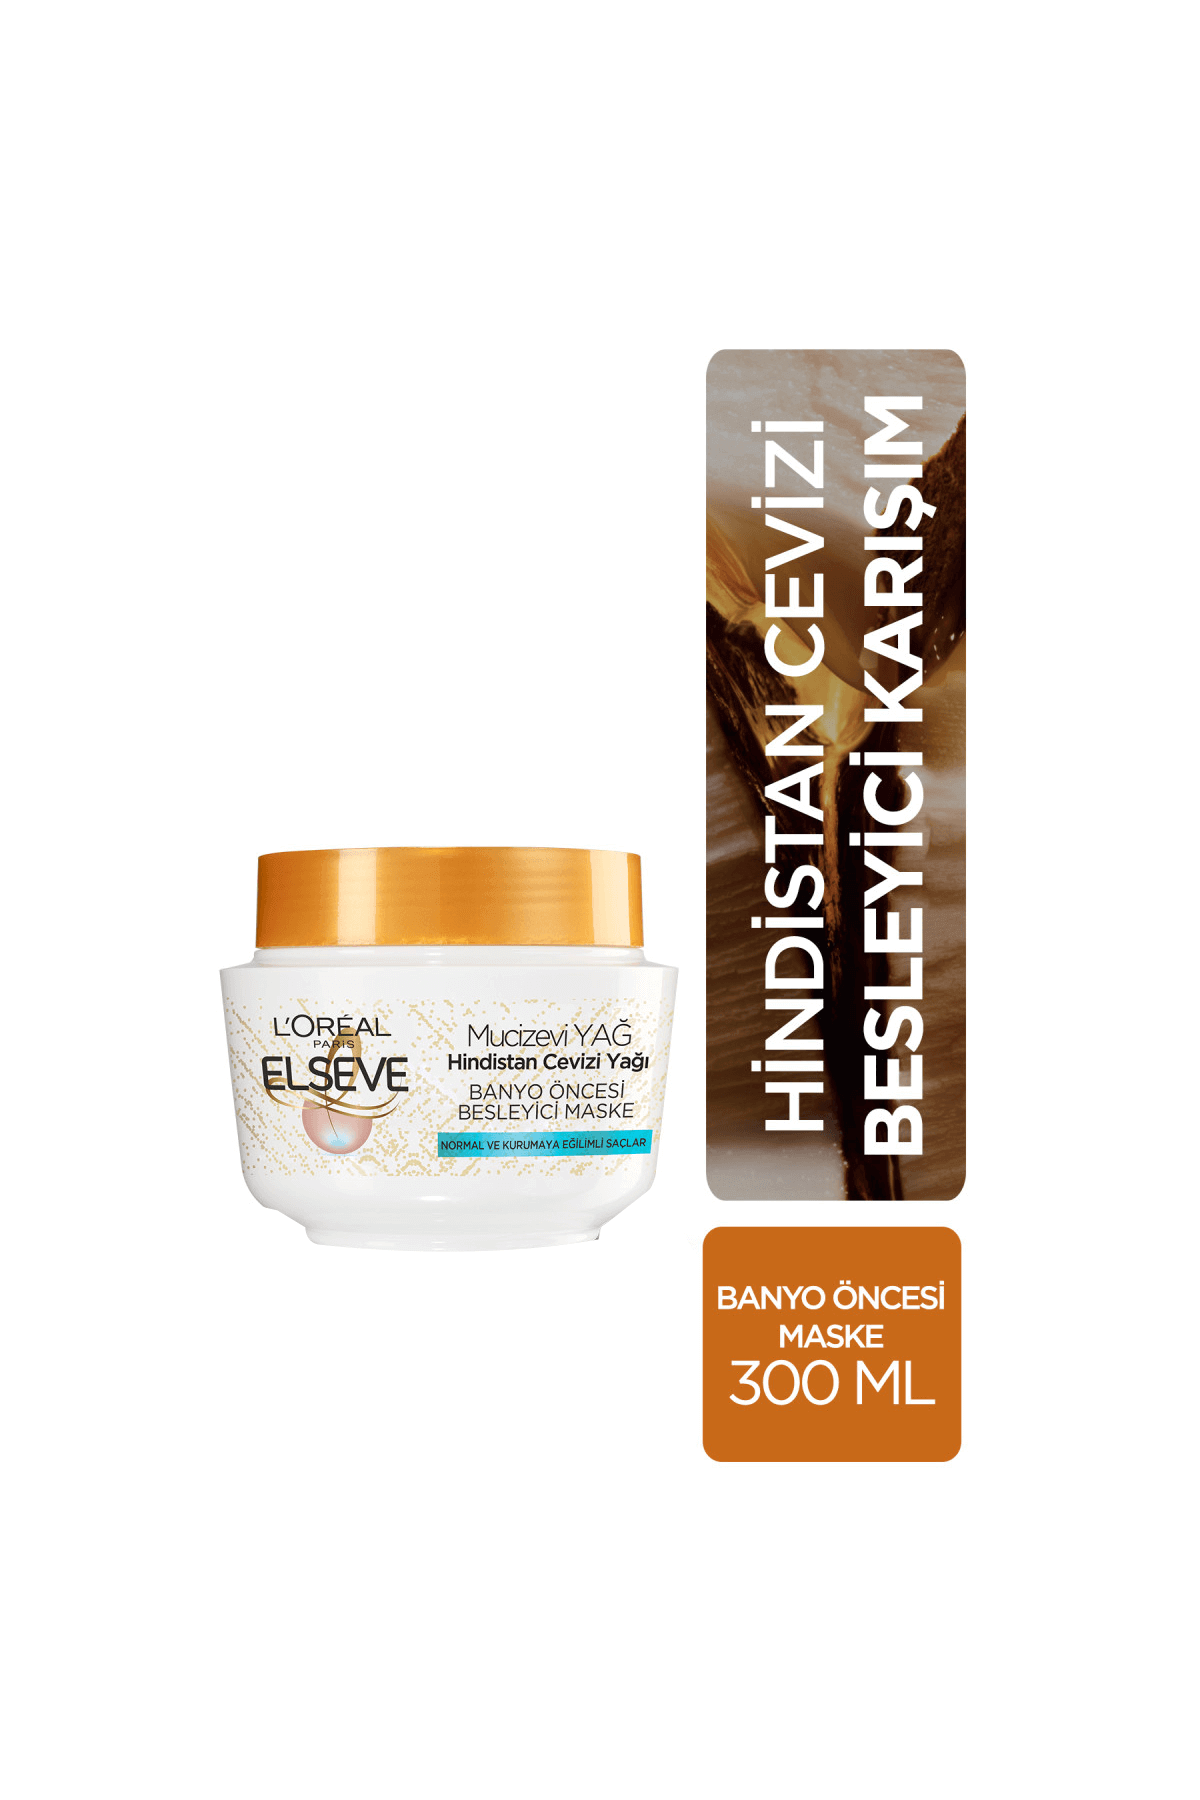 L'Oreal Paris Elseve Hindistan Cevizi ve Değerli Yağlar Banyo Öncesi Saç Maskesi 300 ml